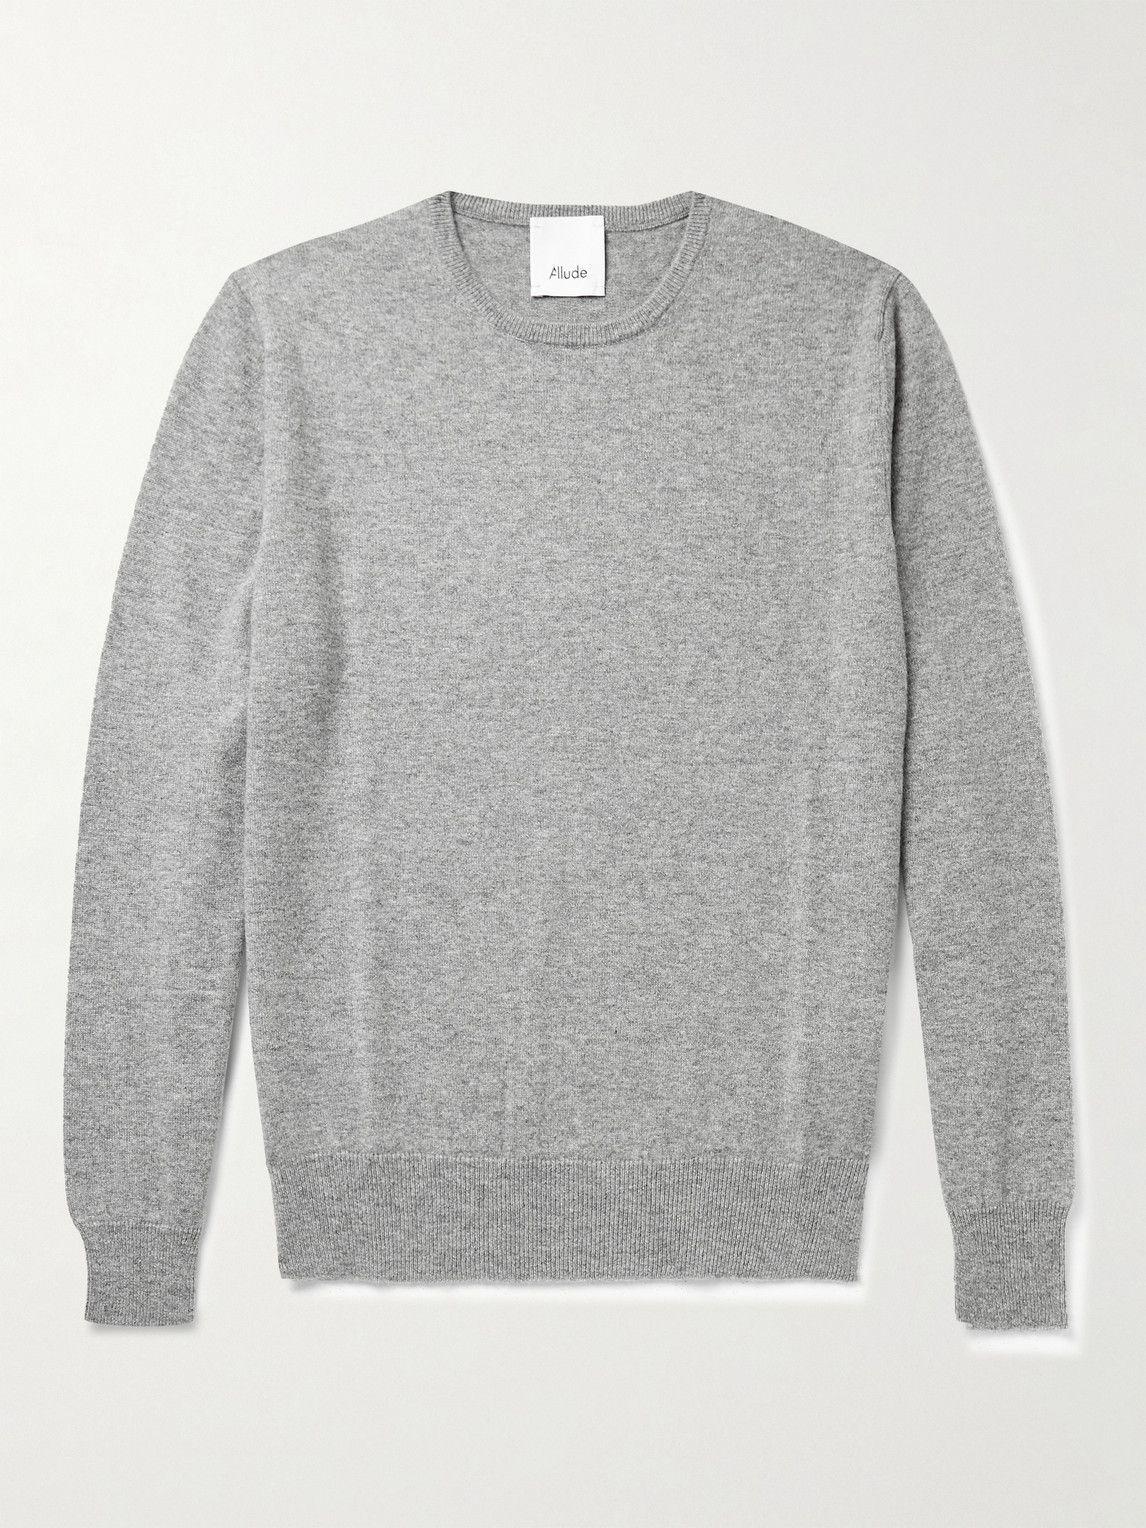 Photo: Allude - Cashmere Sweater - Gray